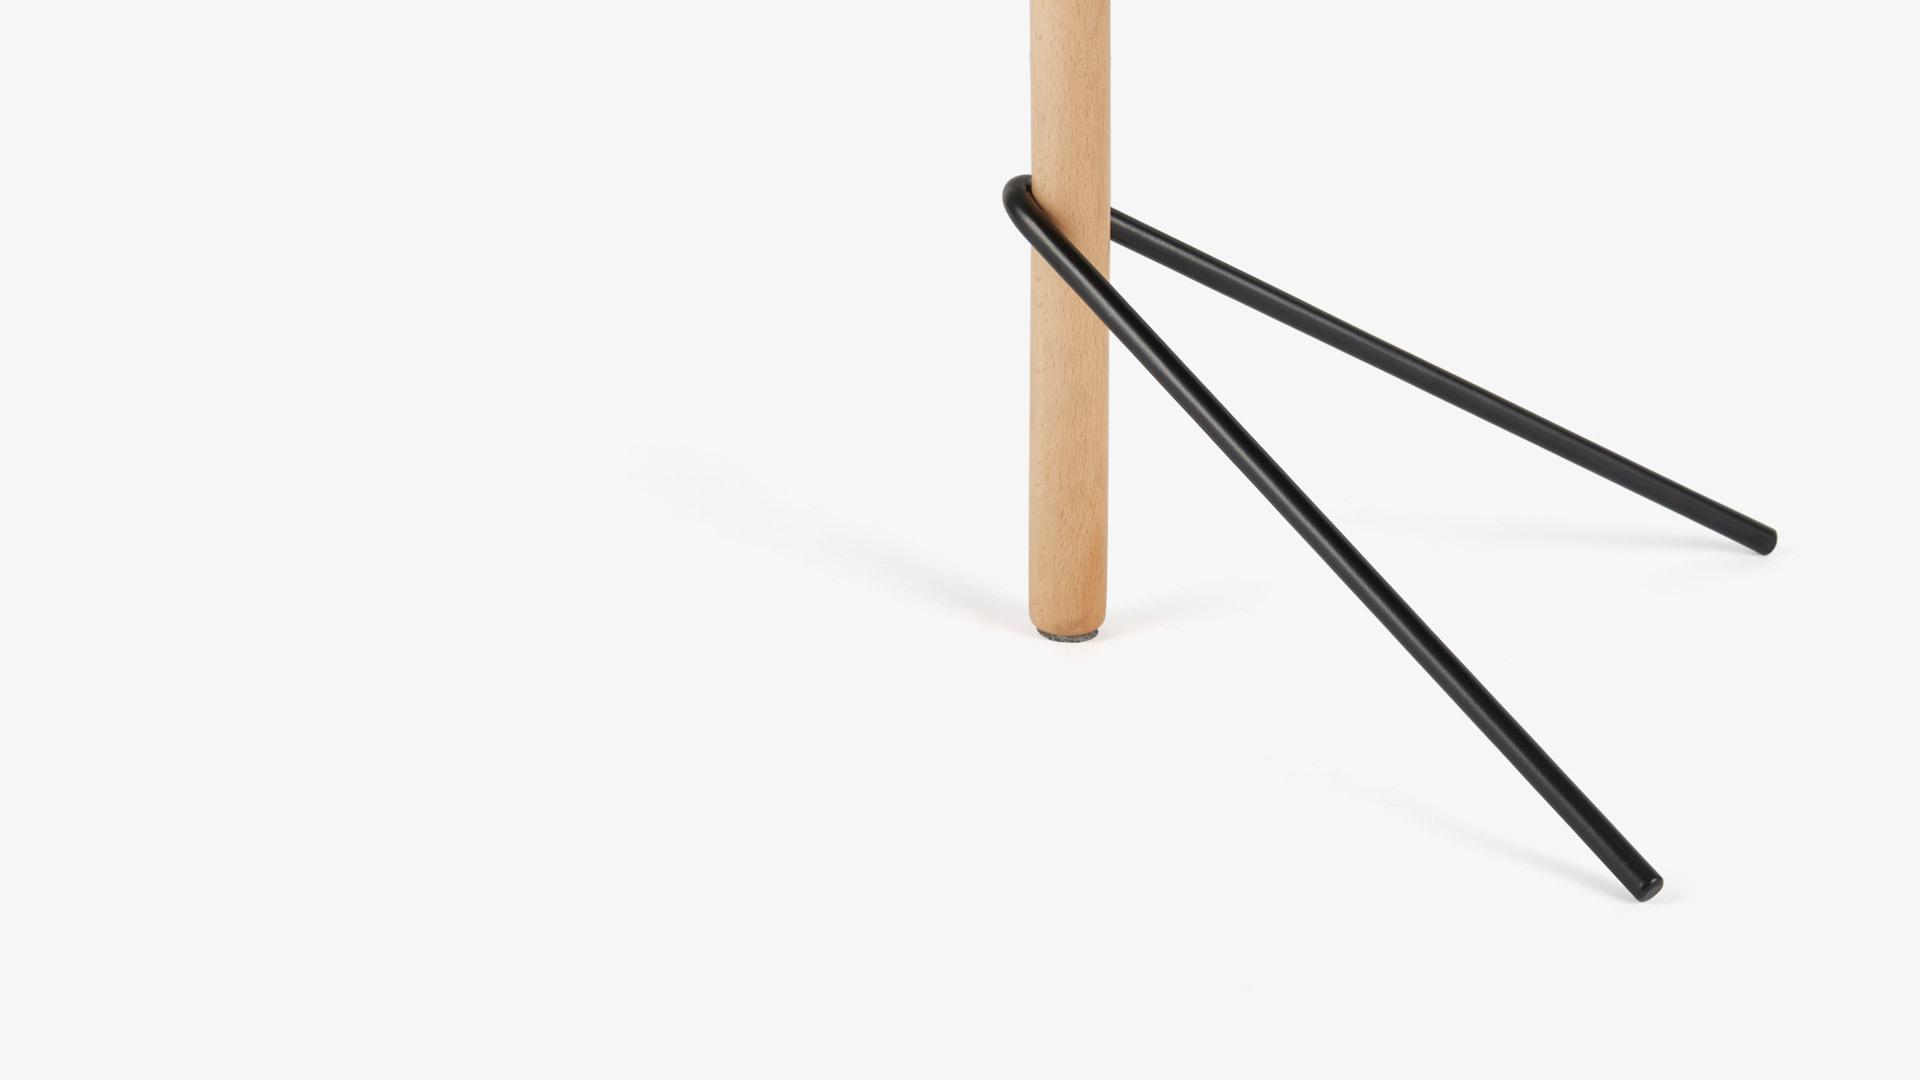 铁木平衡相融<br/>三角支撑唯美构成